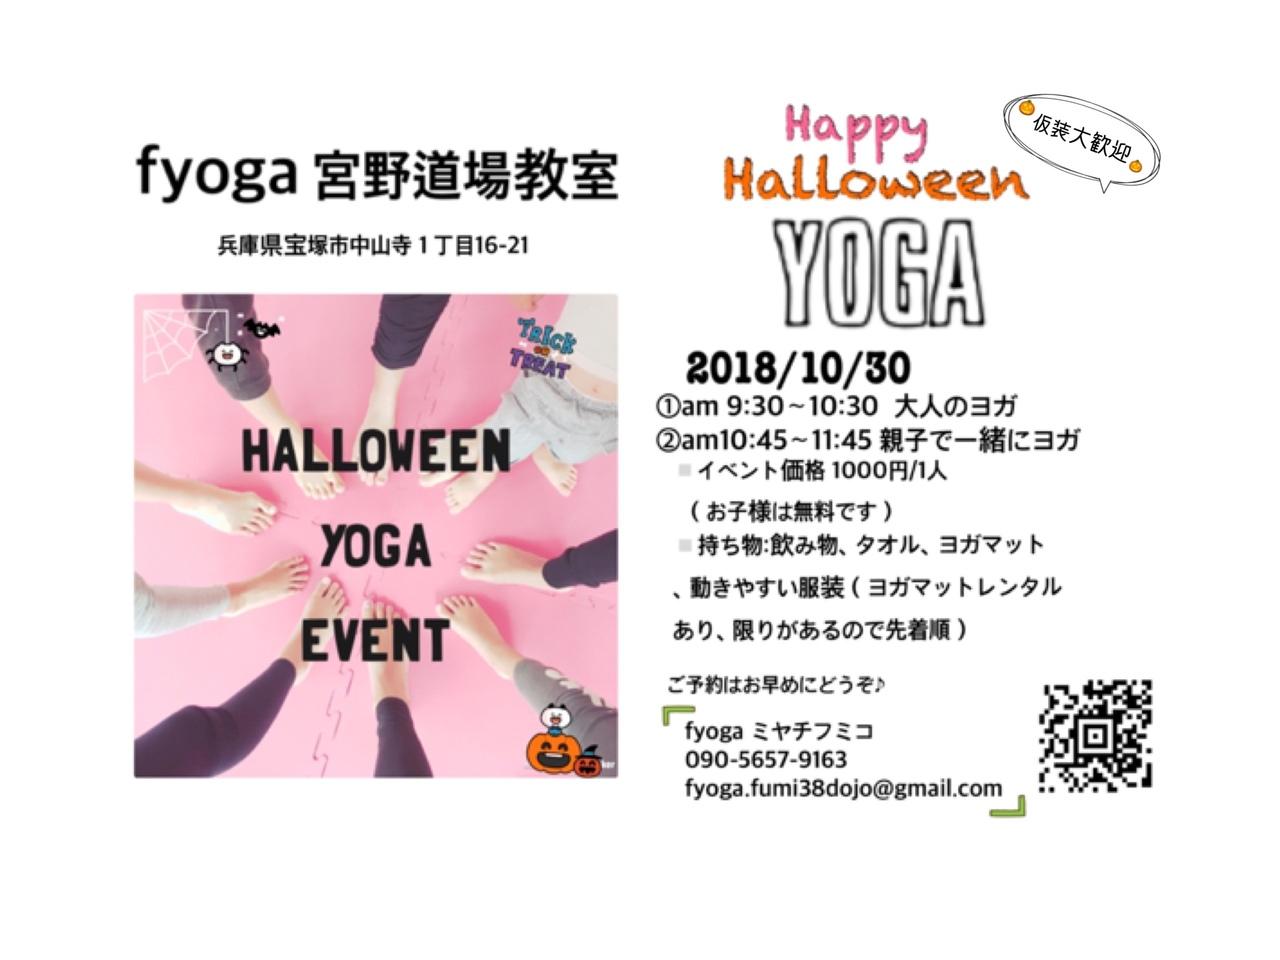 【10/30開催】Happy Halloween yoga